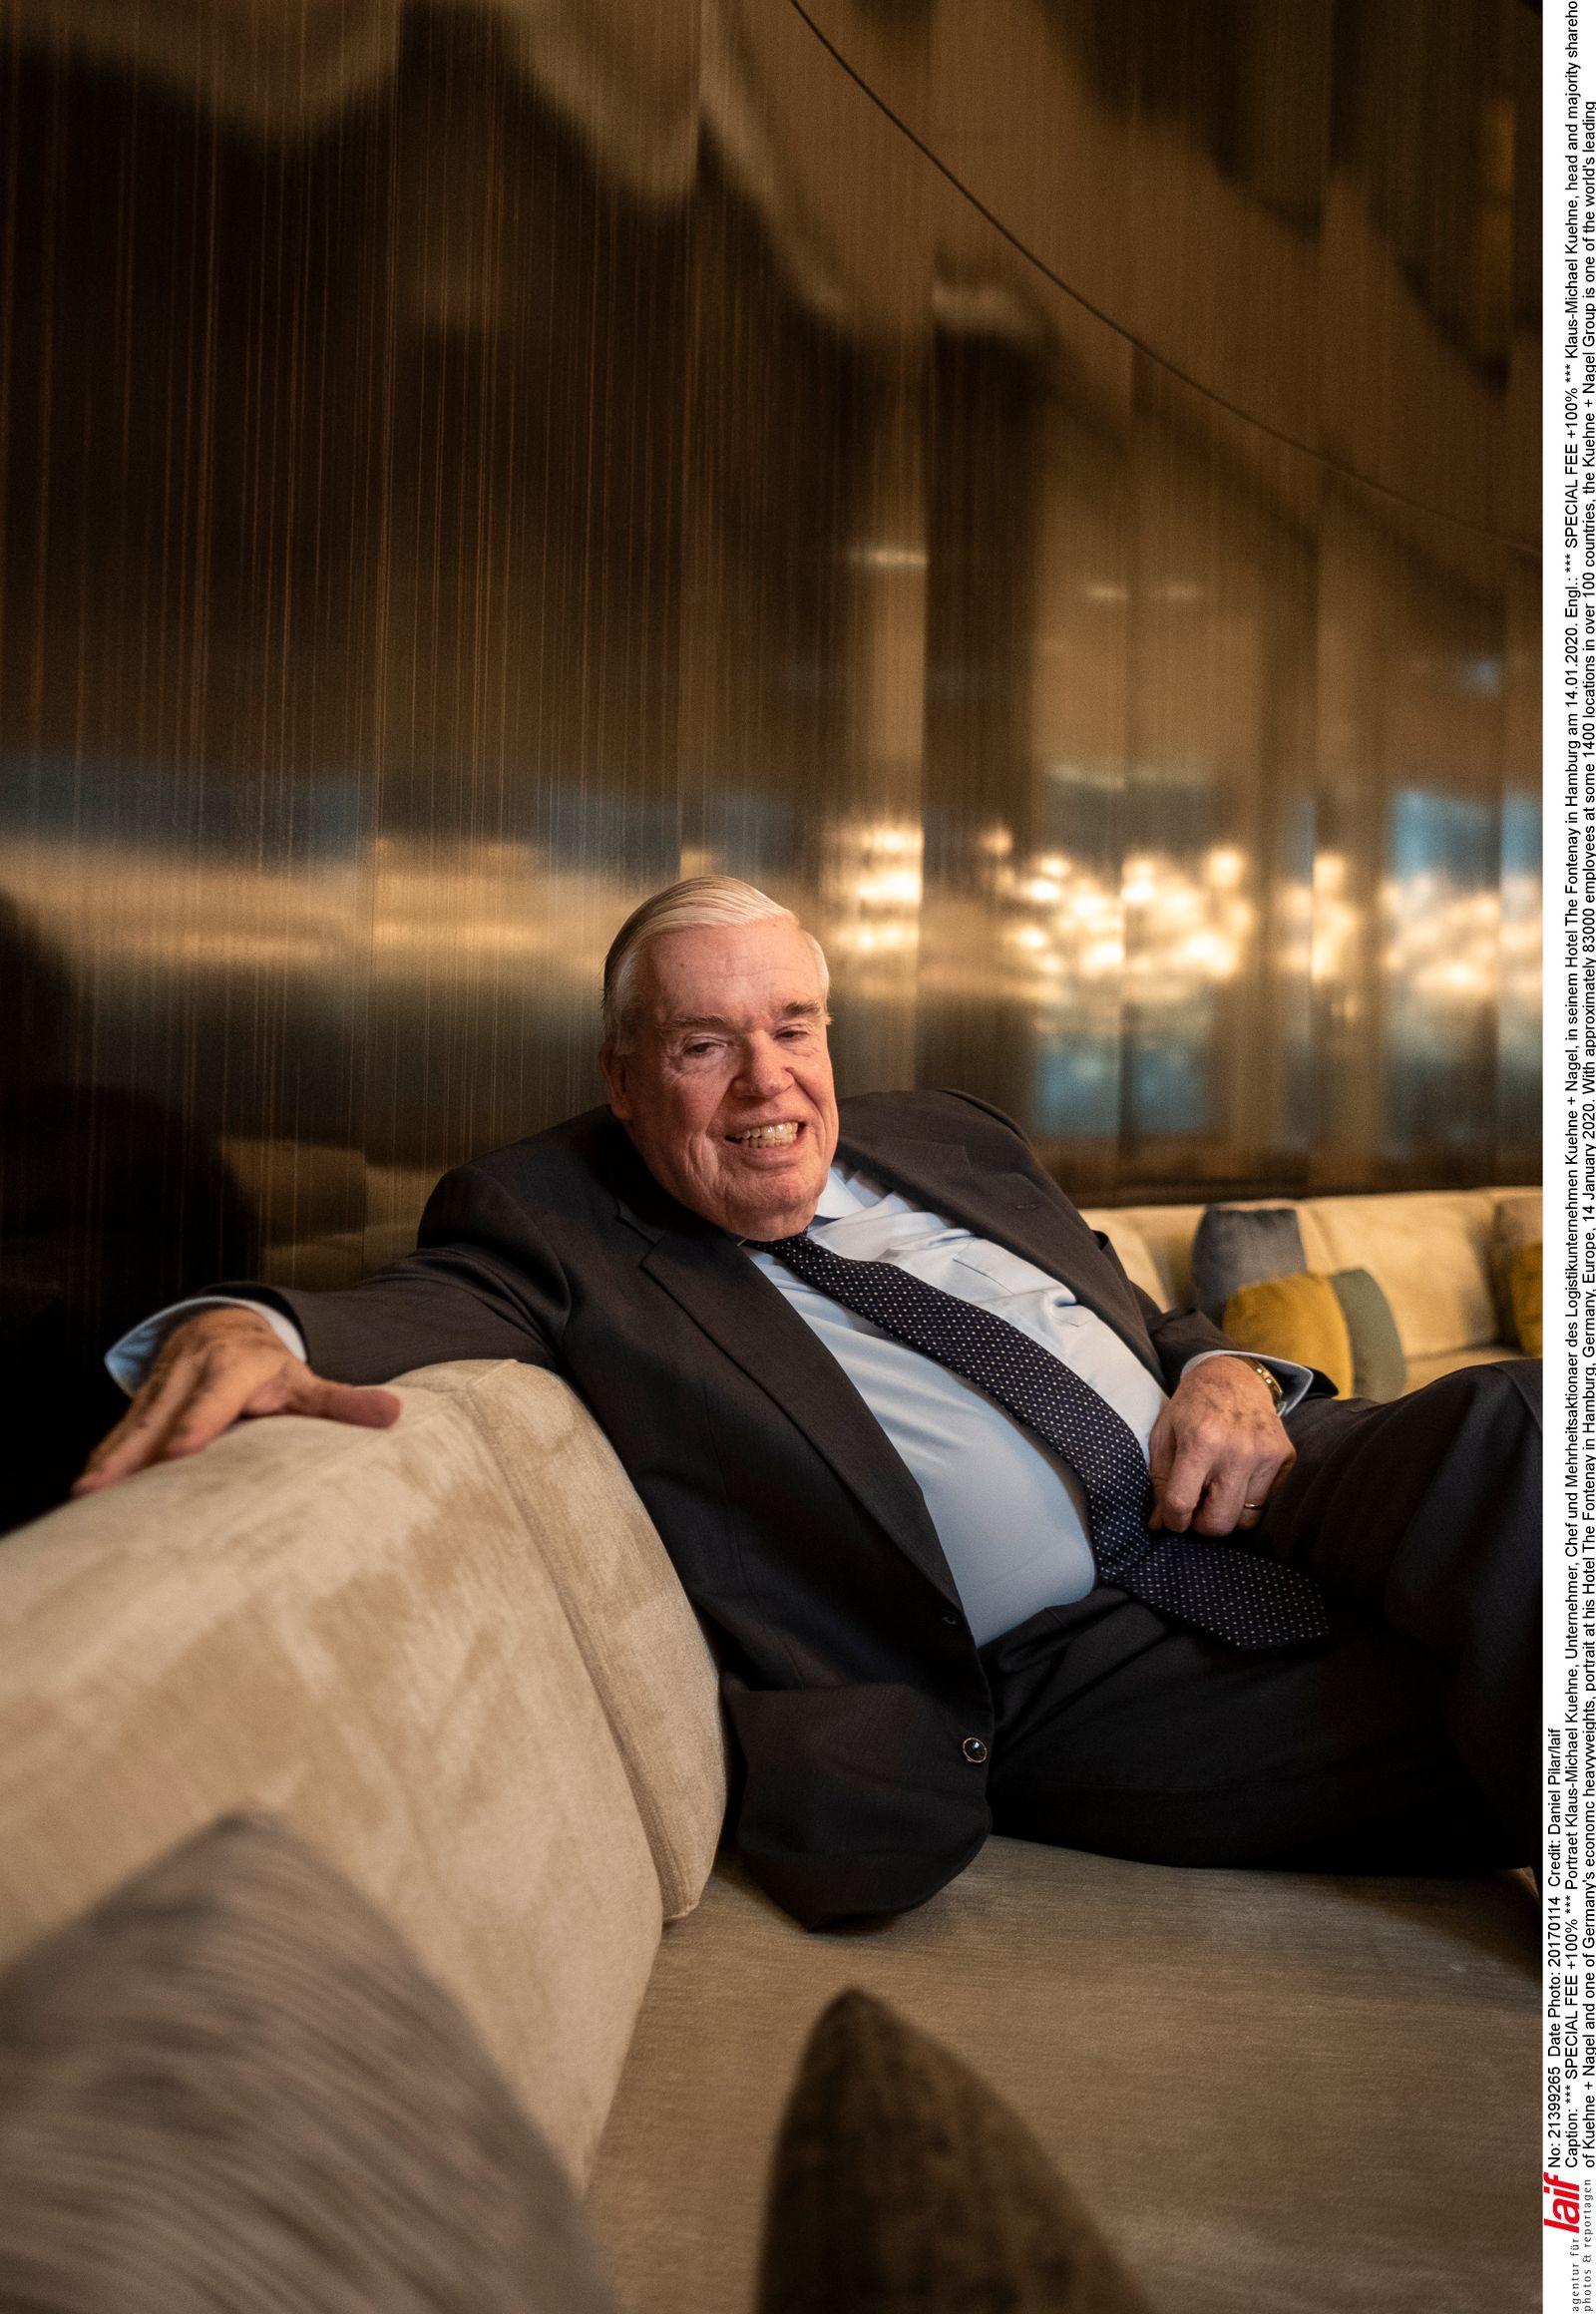 Klaus-Michael Kühne - Unternehmer Chef und Mehrheitsaktionaer des Logistikunternehmen Kühne + Nagel, in seinem Hotel The Fontenay in Hamburg.